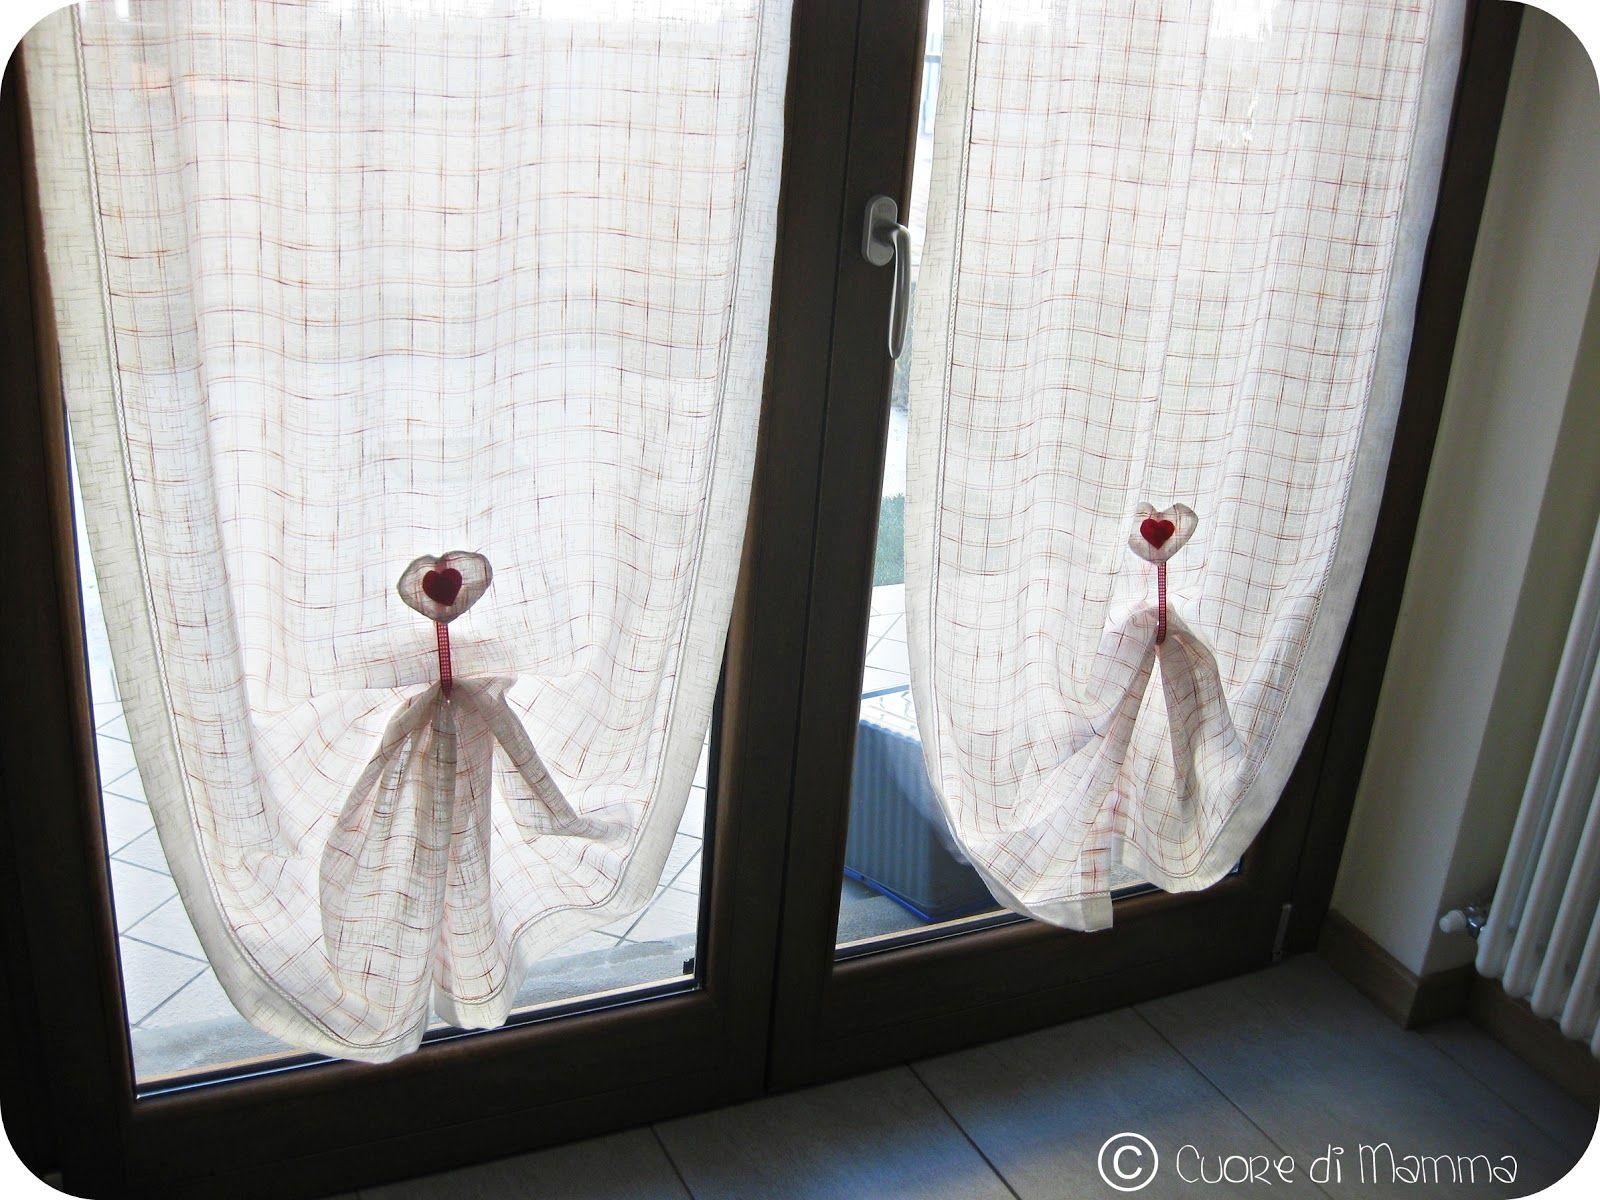 Calamite Per Tende Fai Da Te.Raccogliere Le Tende Con Calamite Idee Per Arredare Curtains